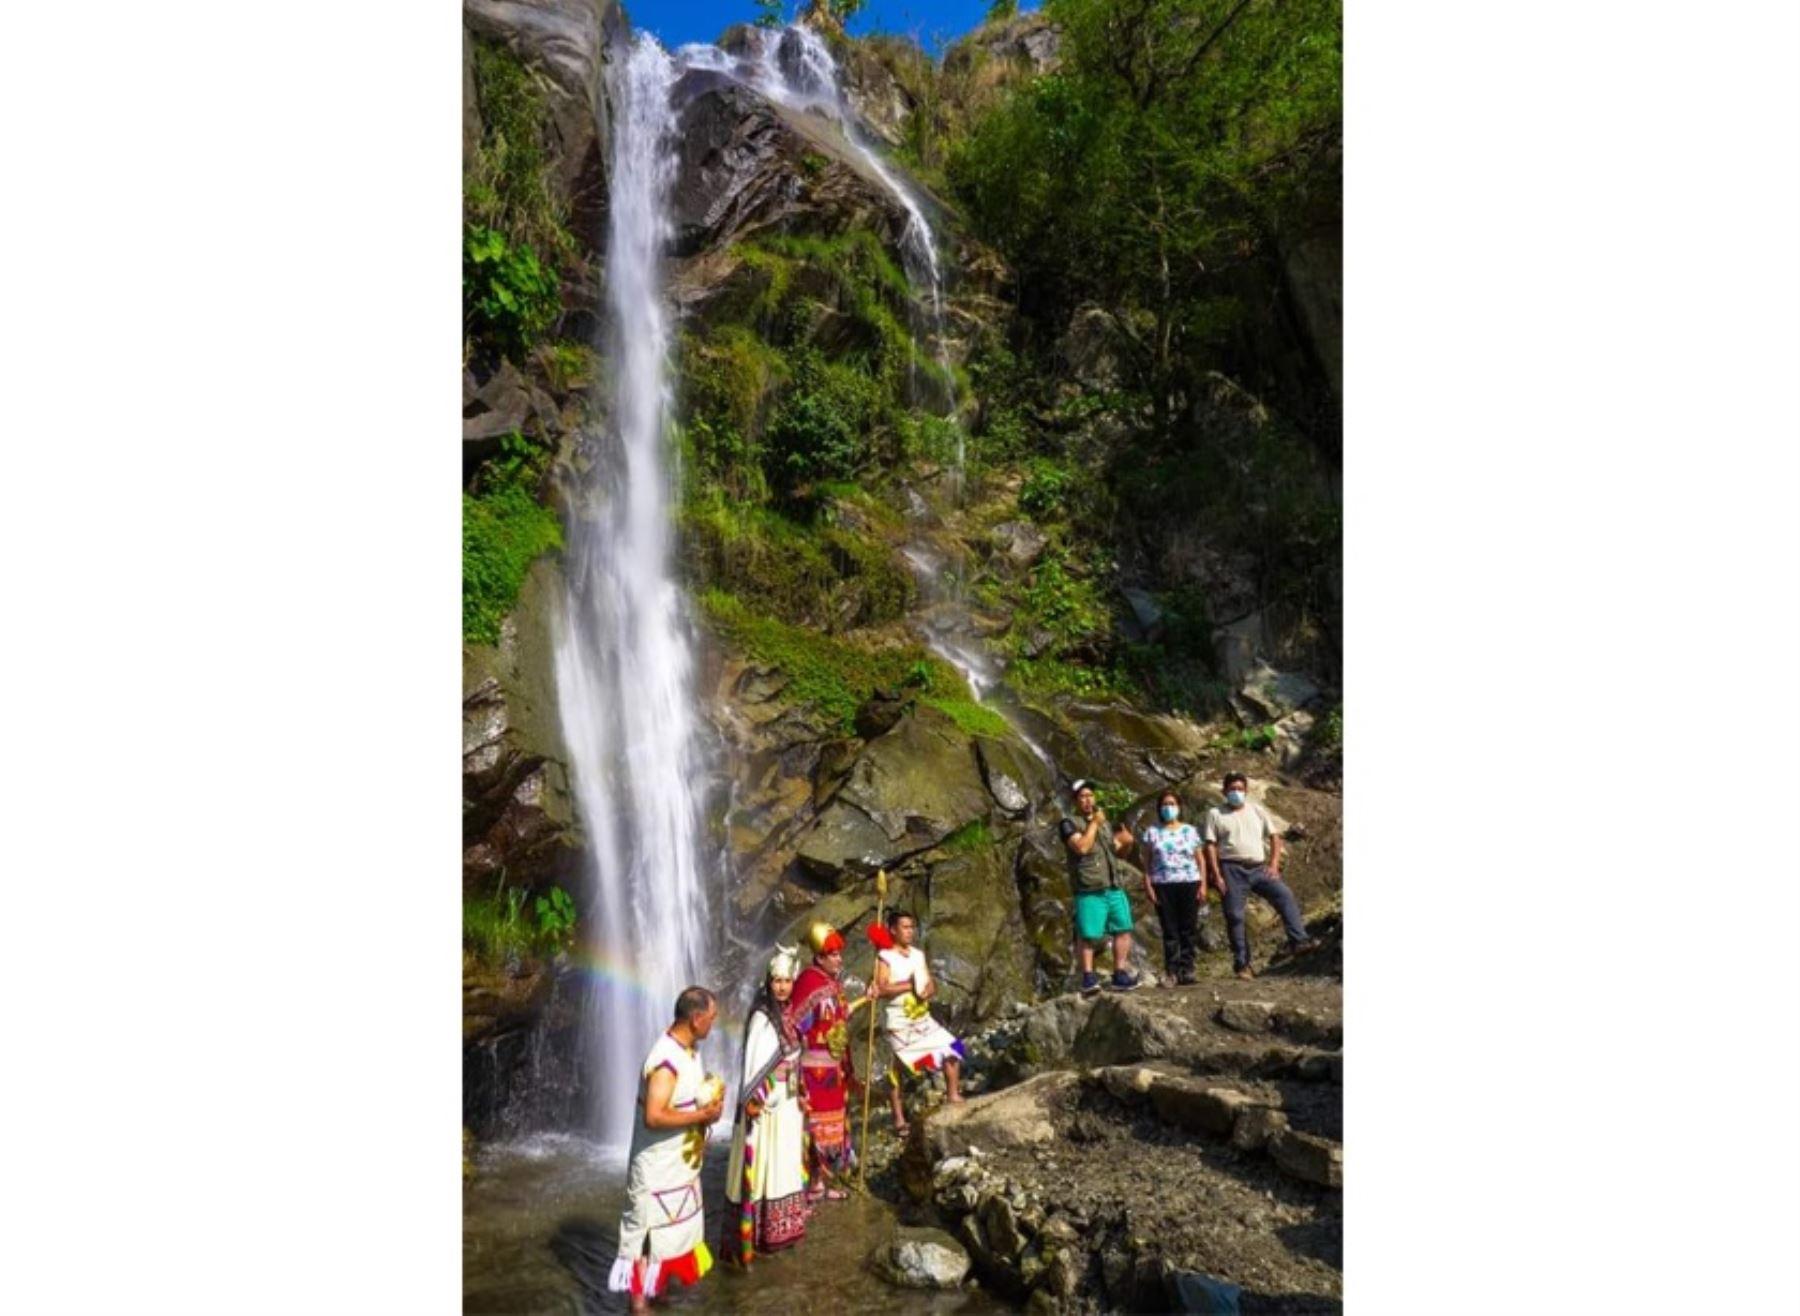 Conoce la impresionante catarata de Ccollpani, ubicada cerca del Santuario Histórico de Machu Picchu, región Cusco, que fue incorporado al circuito turístico del distrito de Machu Picchu pueblo. ANDINA/Difusión